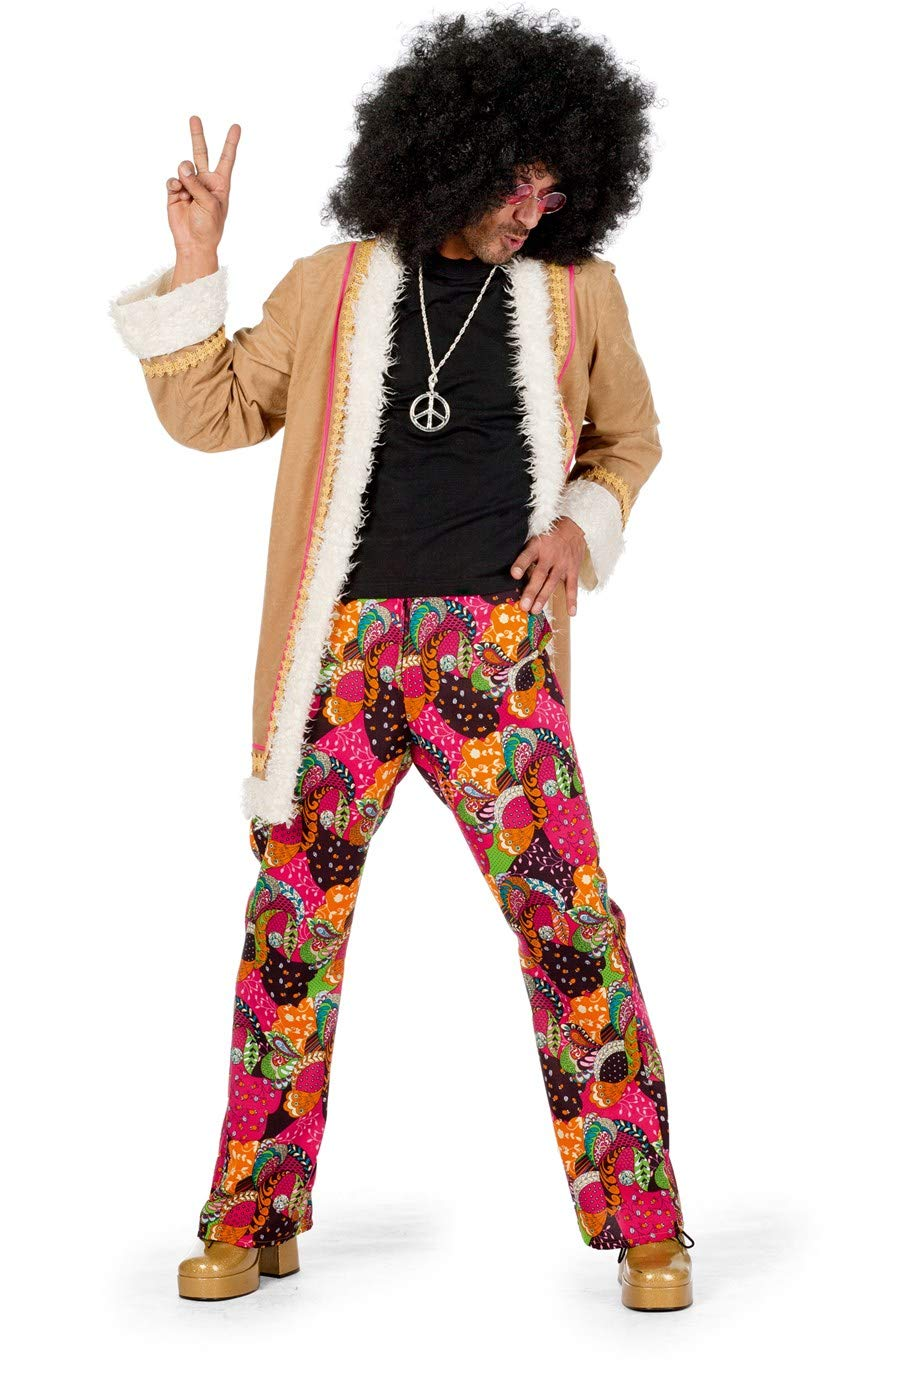 Wilbers 5456 Hippie-Kostüm Herren 2-teilig Jacke mit Fell-Saum und Hose Hochwertige Verkleidung Gruppenkostüm Partnerkostüm Männer Größe 50 Multi B07L34BZR2 Kostüme für Erwachsene Gute Qualität  | eine große Vielfalt